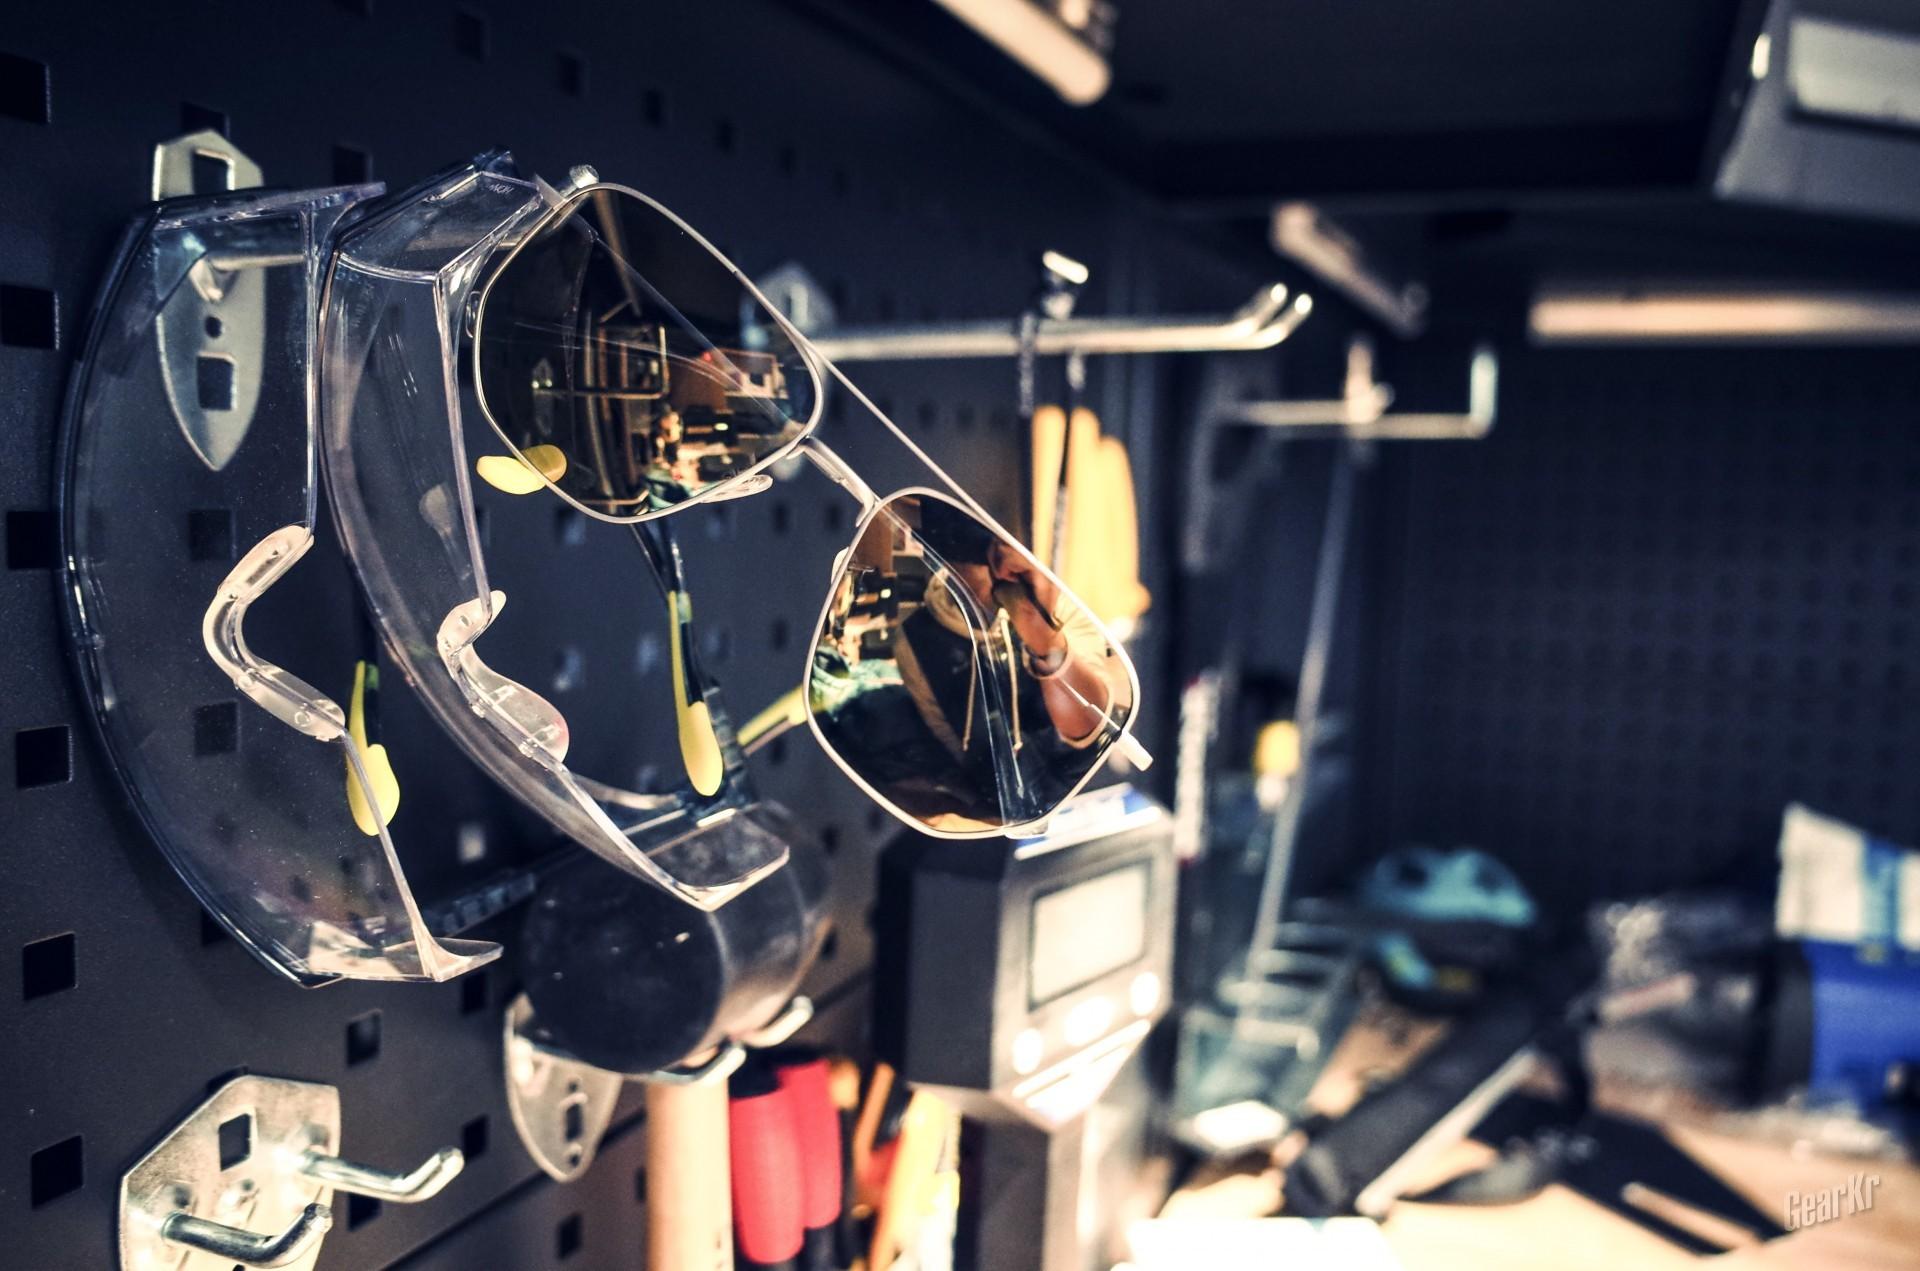 铠斯钛生活|要不是太阳落山我都忘了带着眼镜